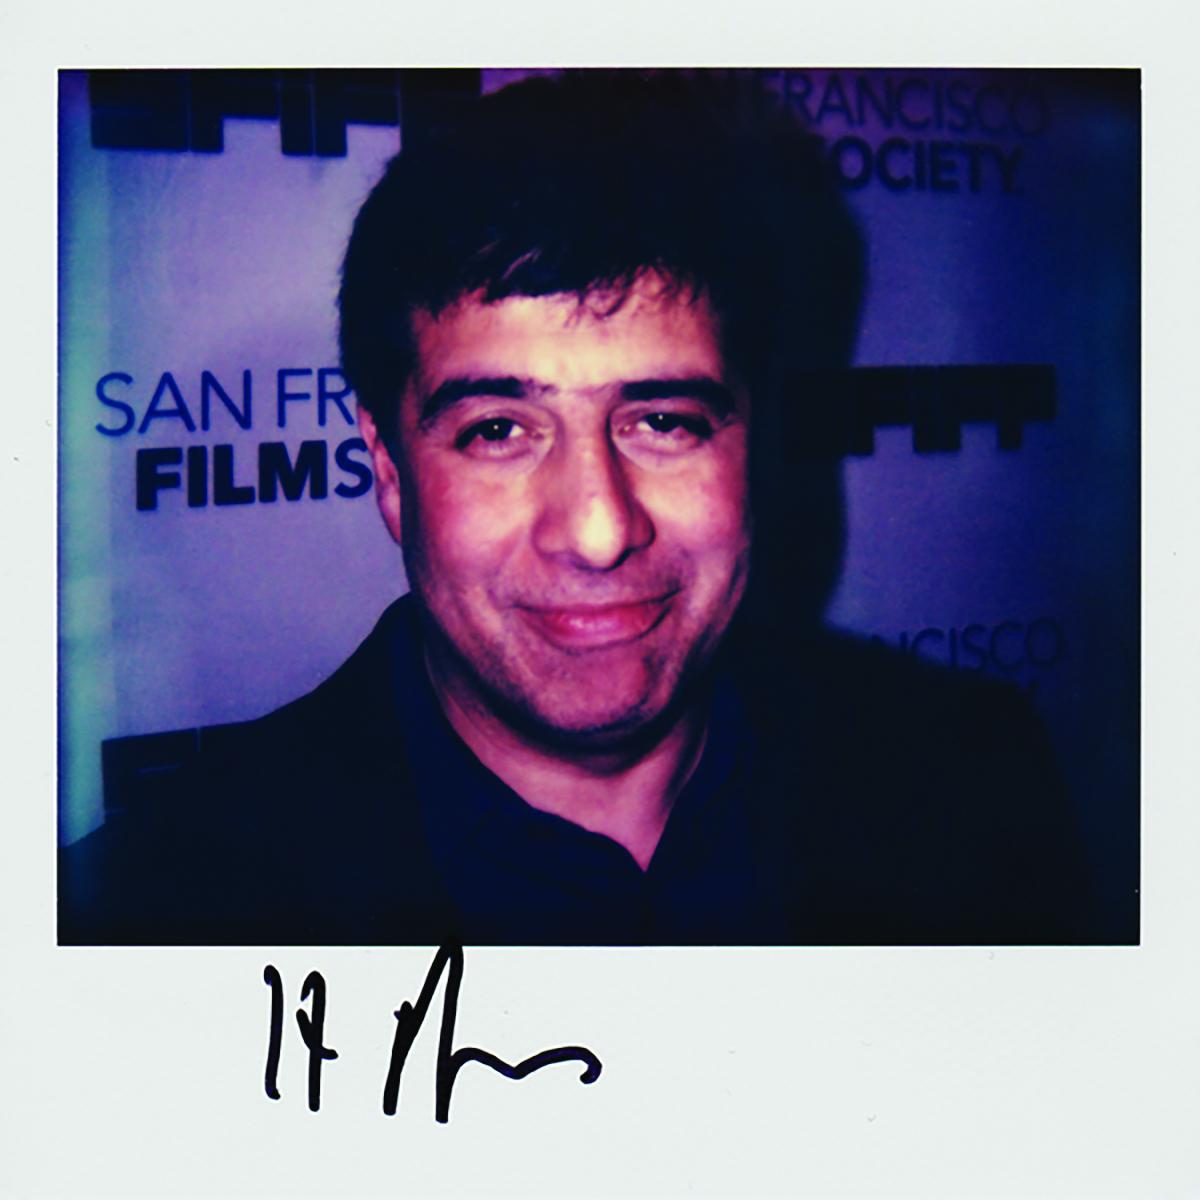 HOSSEIN AMINI - Screenwriter of Drive, McMafia & Two Faces of January